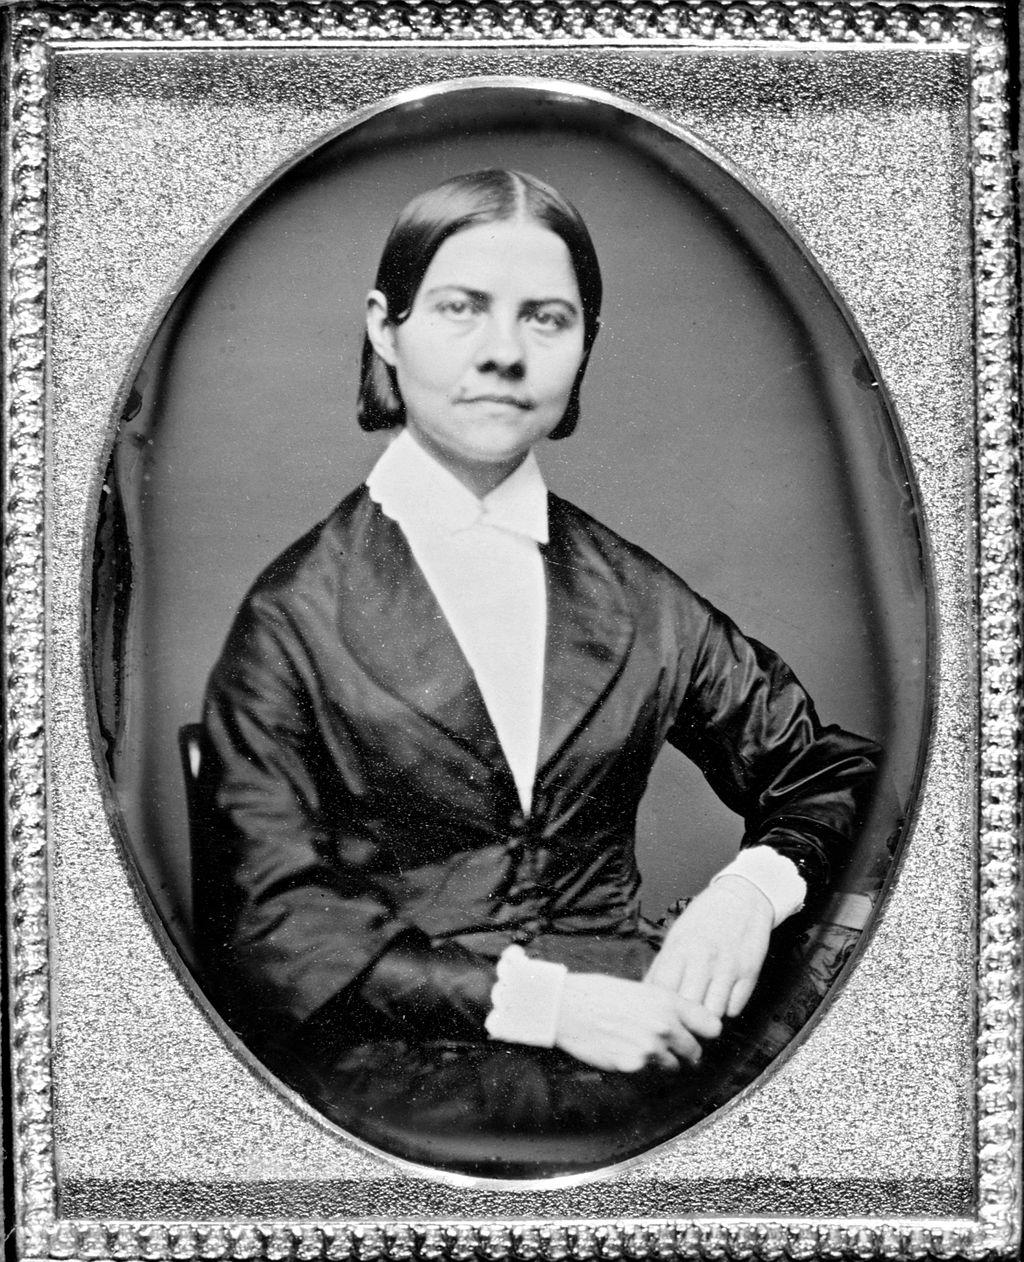 Lucy Stone - Suffragist